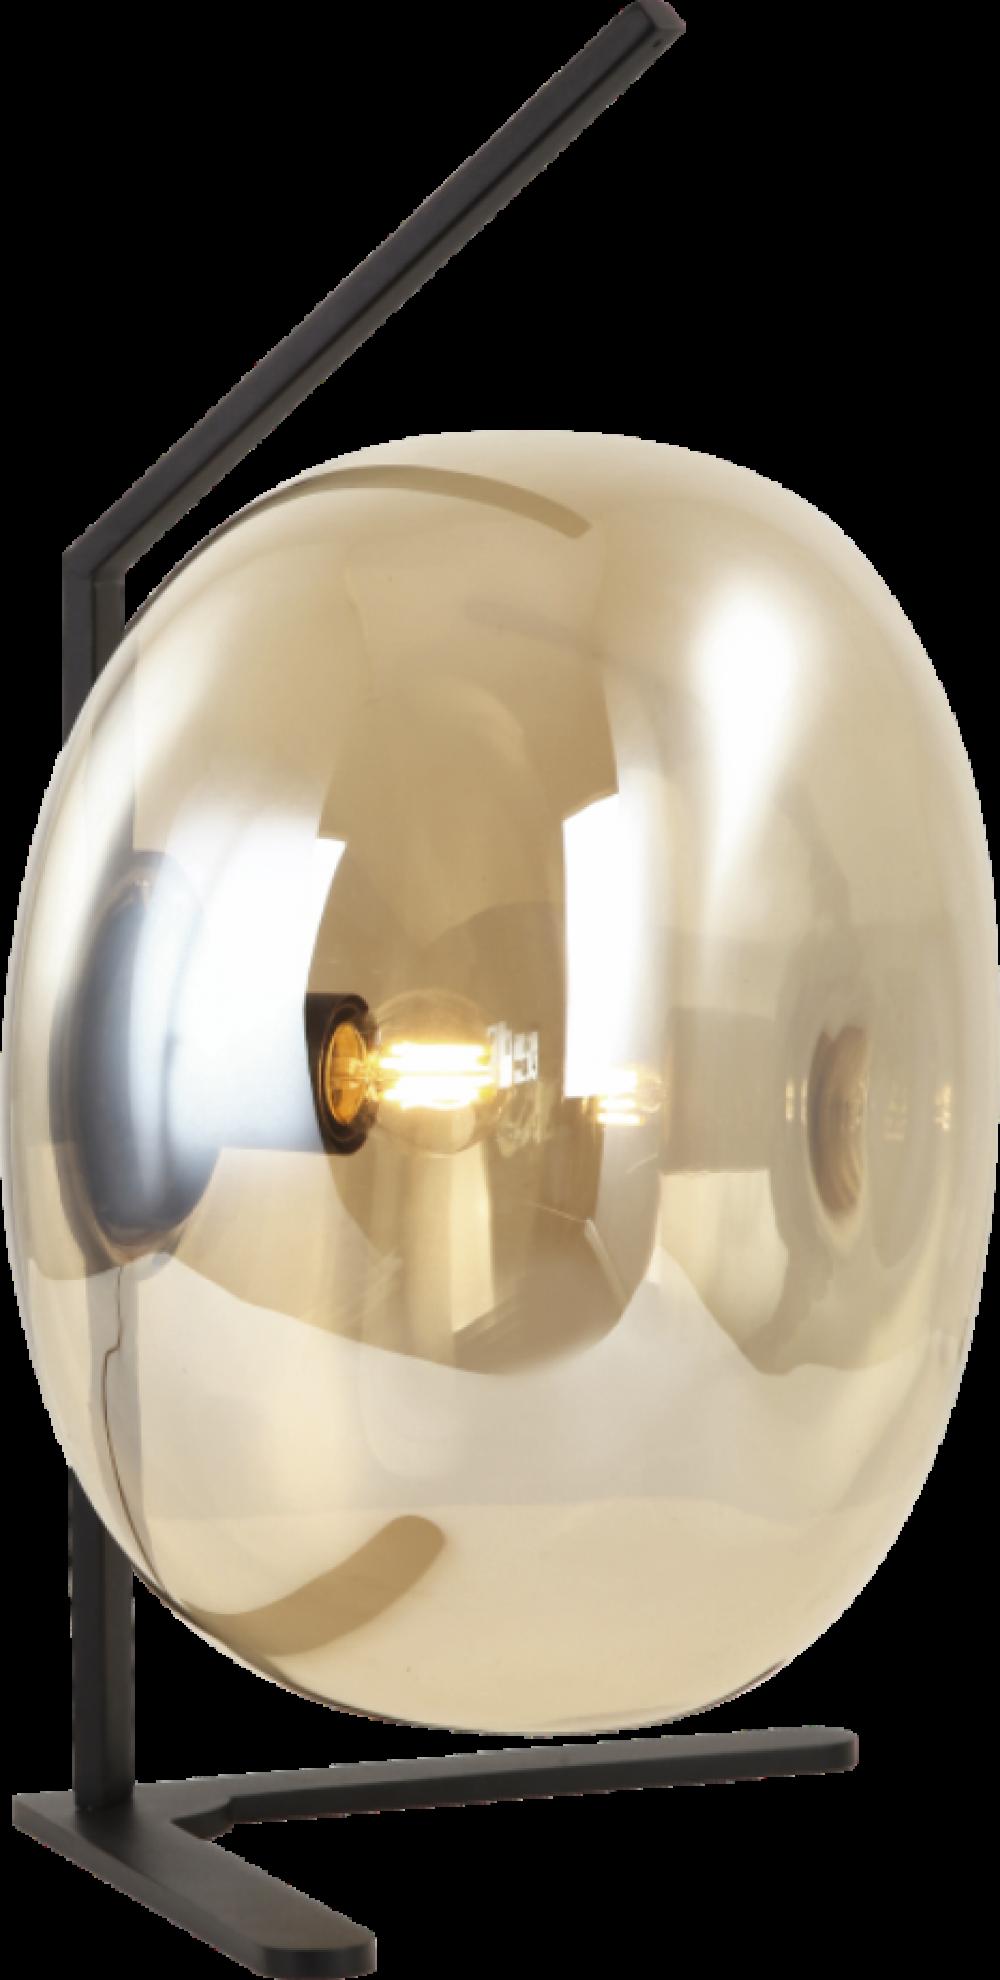 Veioza VESTA ambra si negru H36xL19xW25 cm imagine 2021